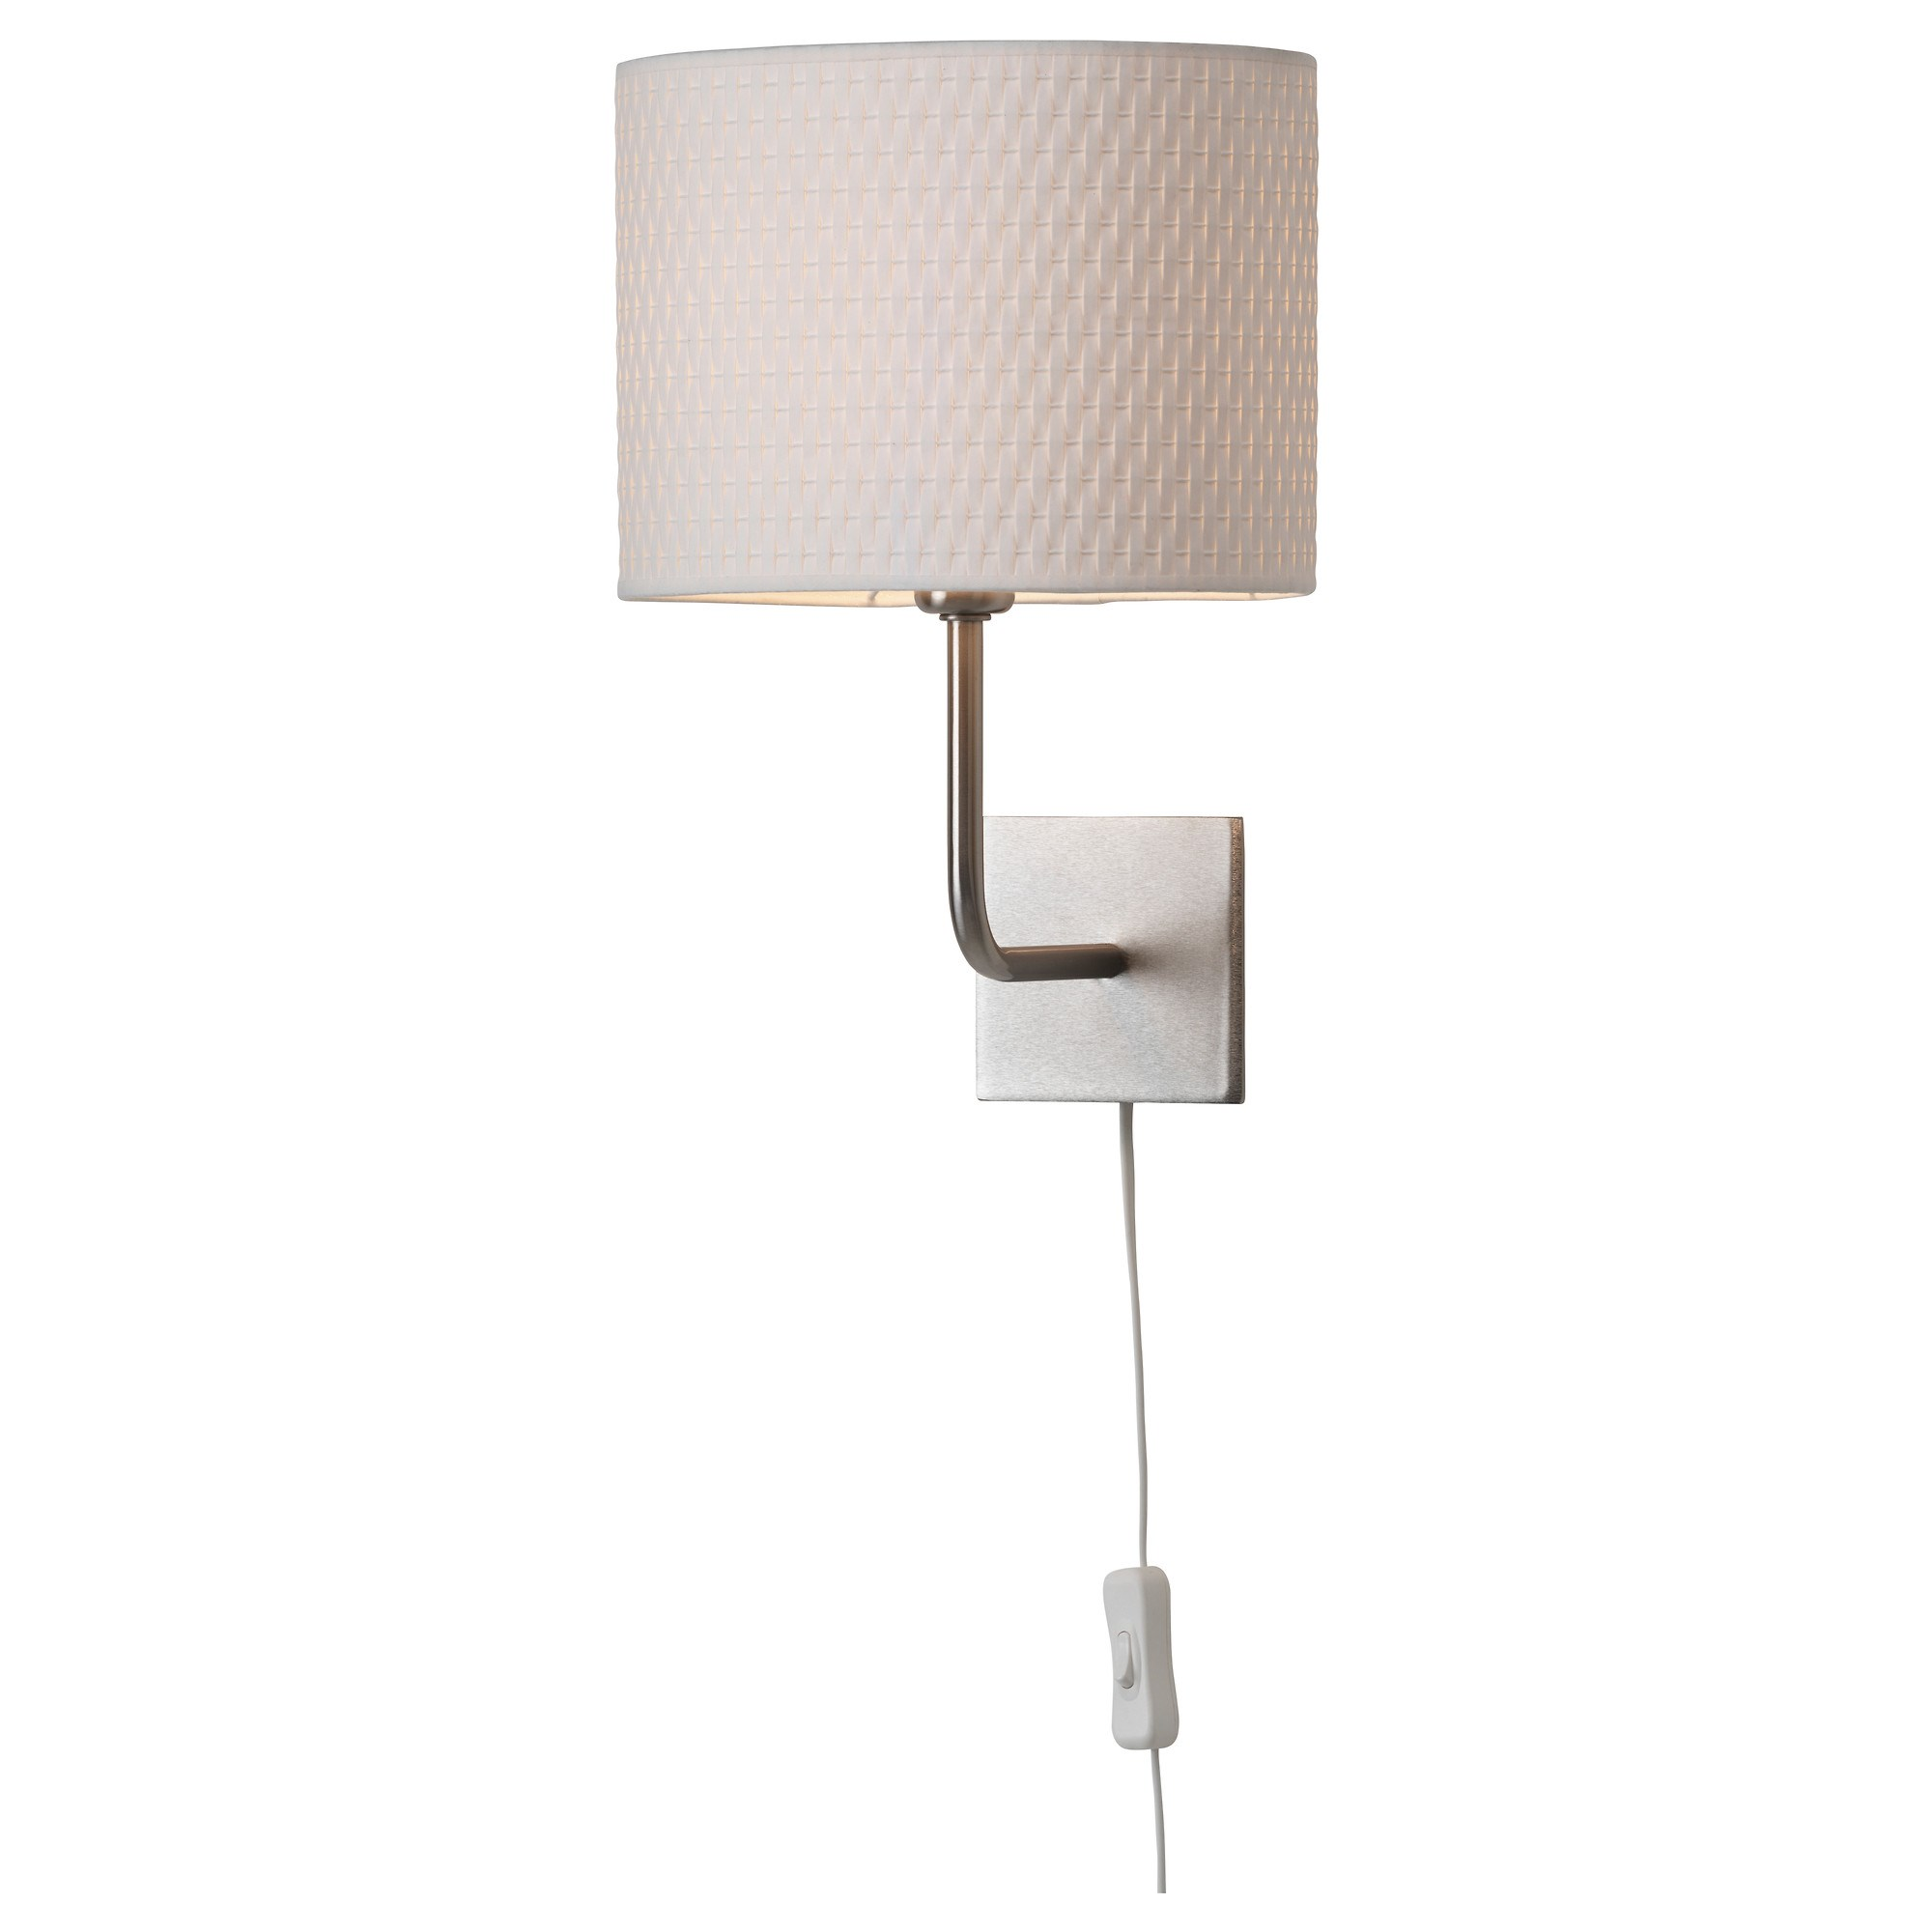 alang wall lamp white 25 cm ikea lighting